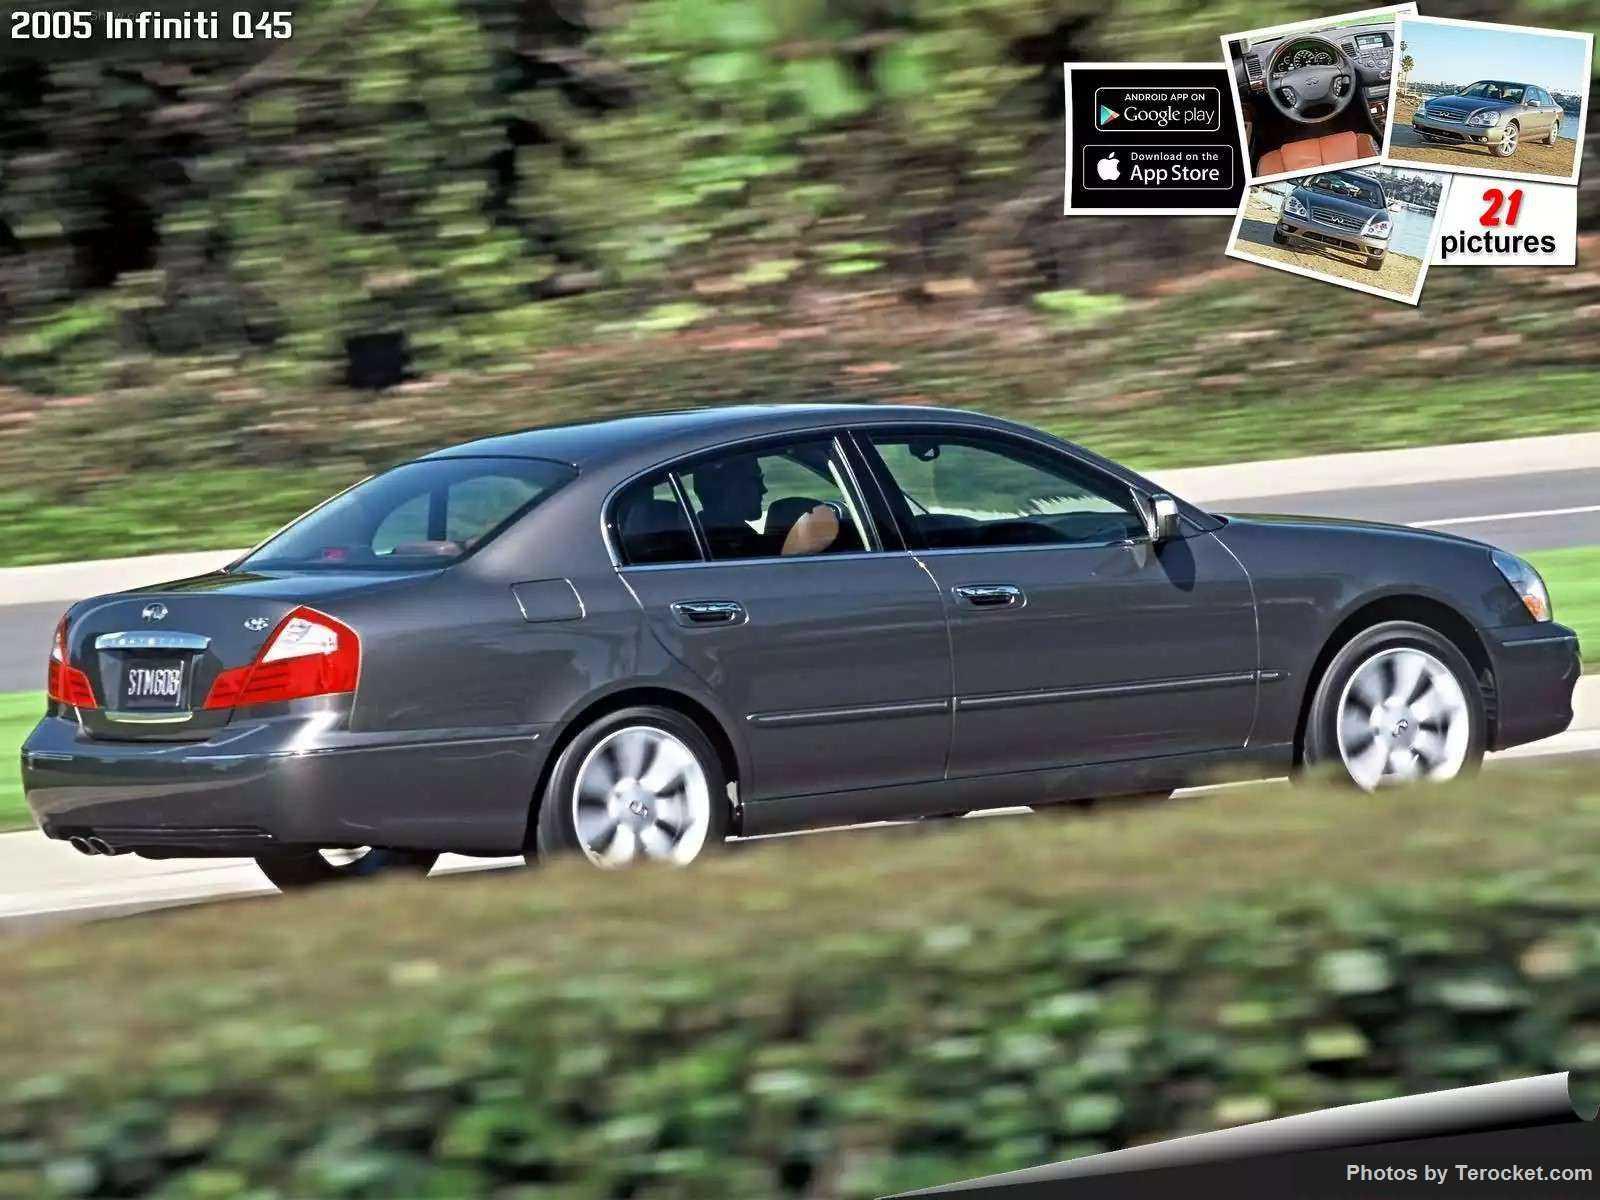 Hình ảnh xe ô tô Infiniti Q45 2005 & nội ngoại thất